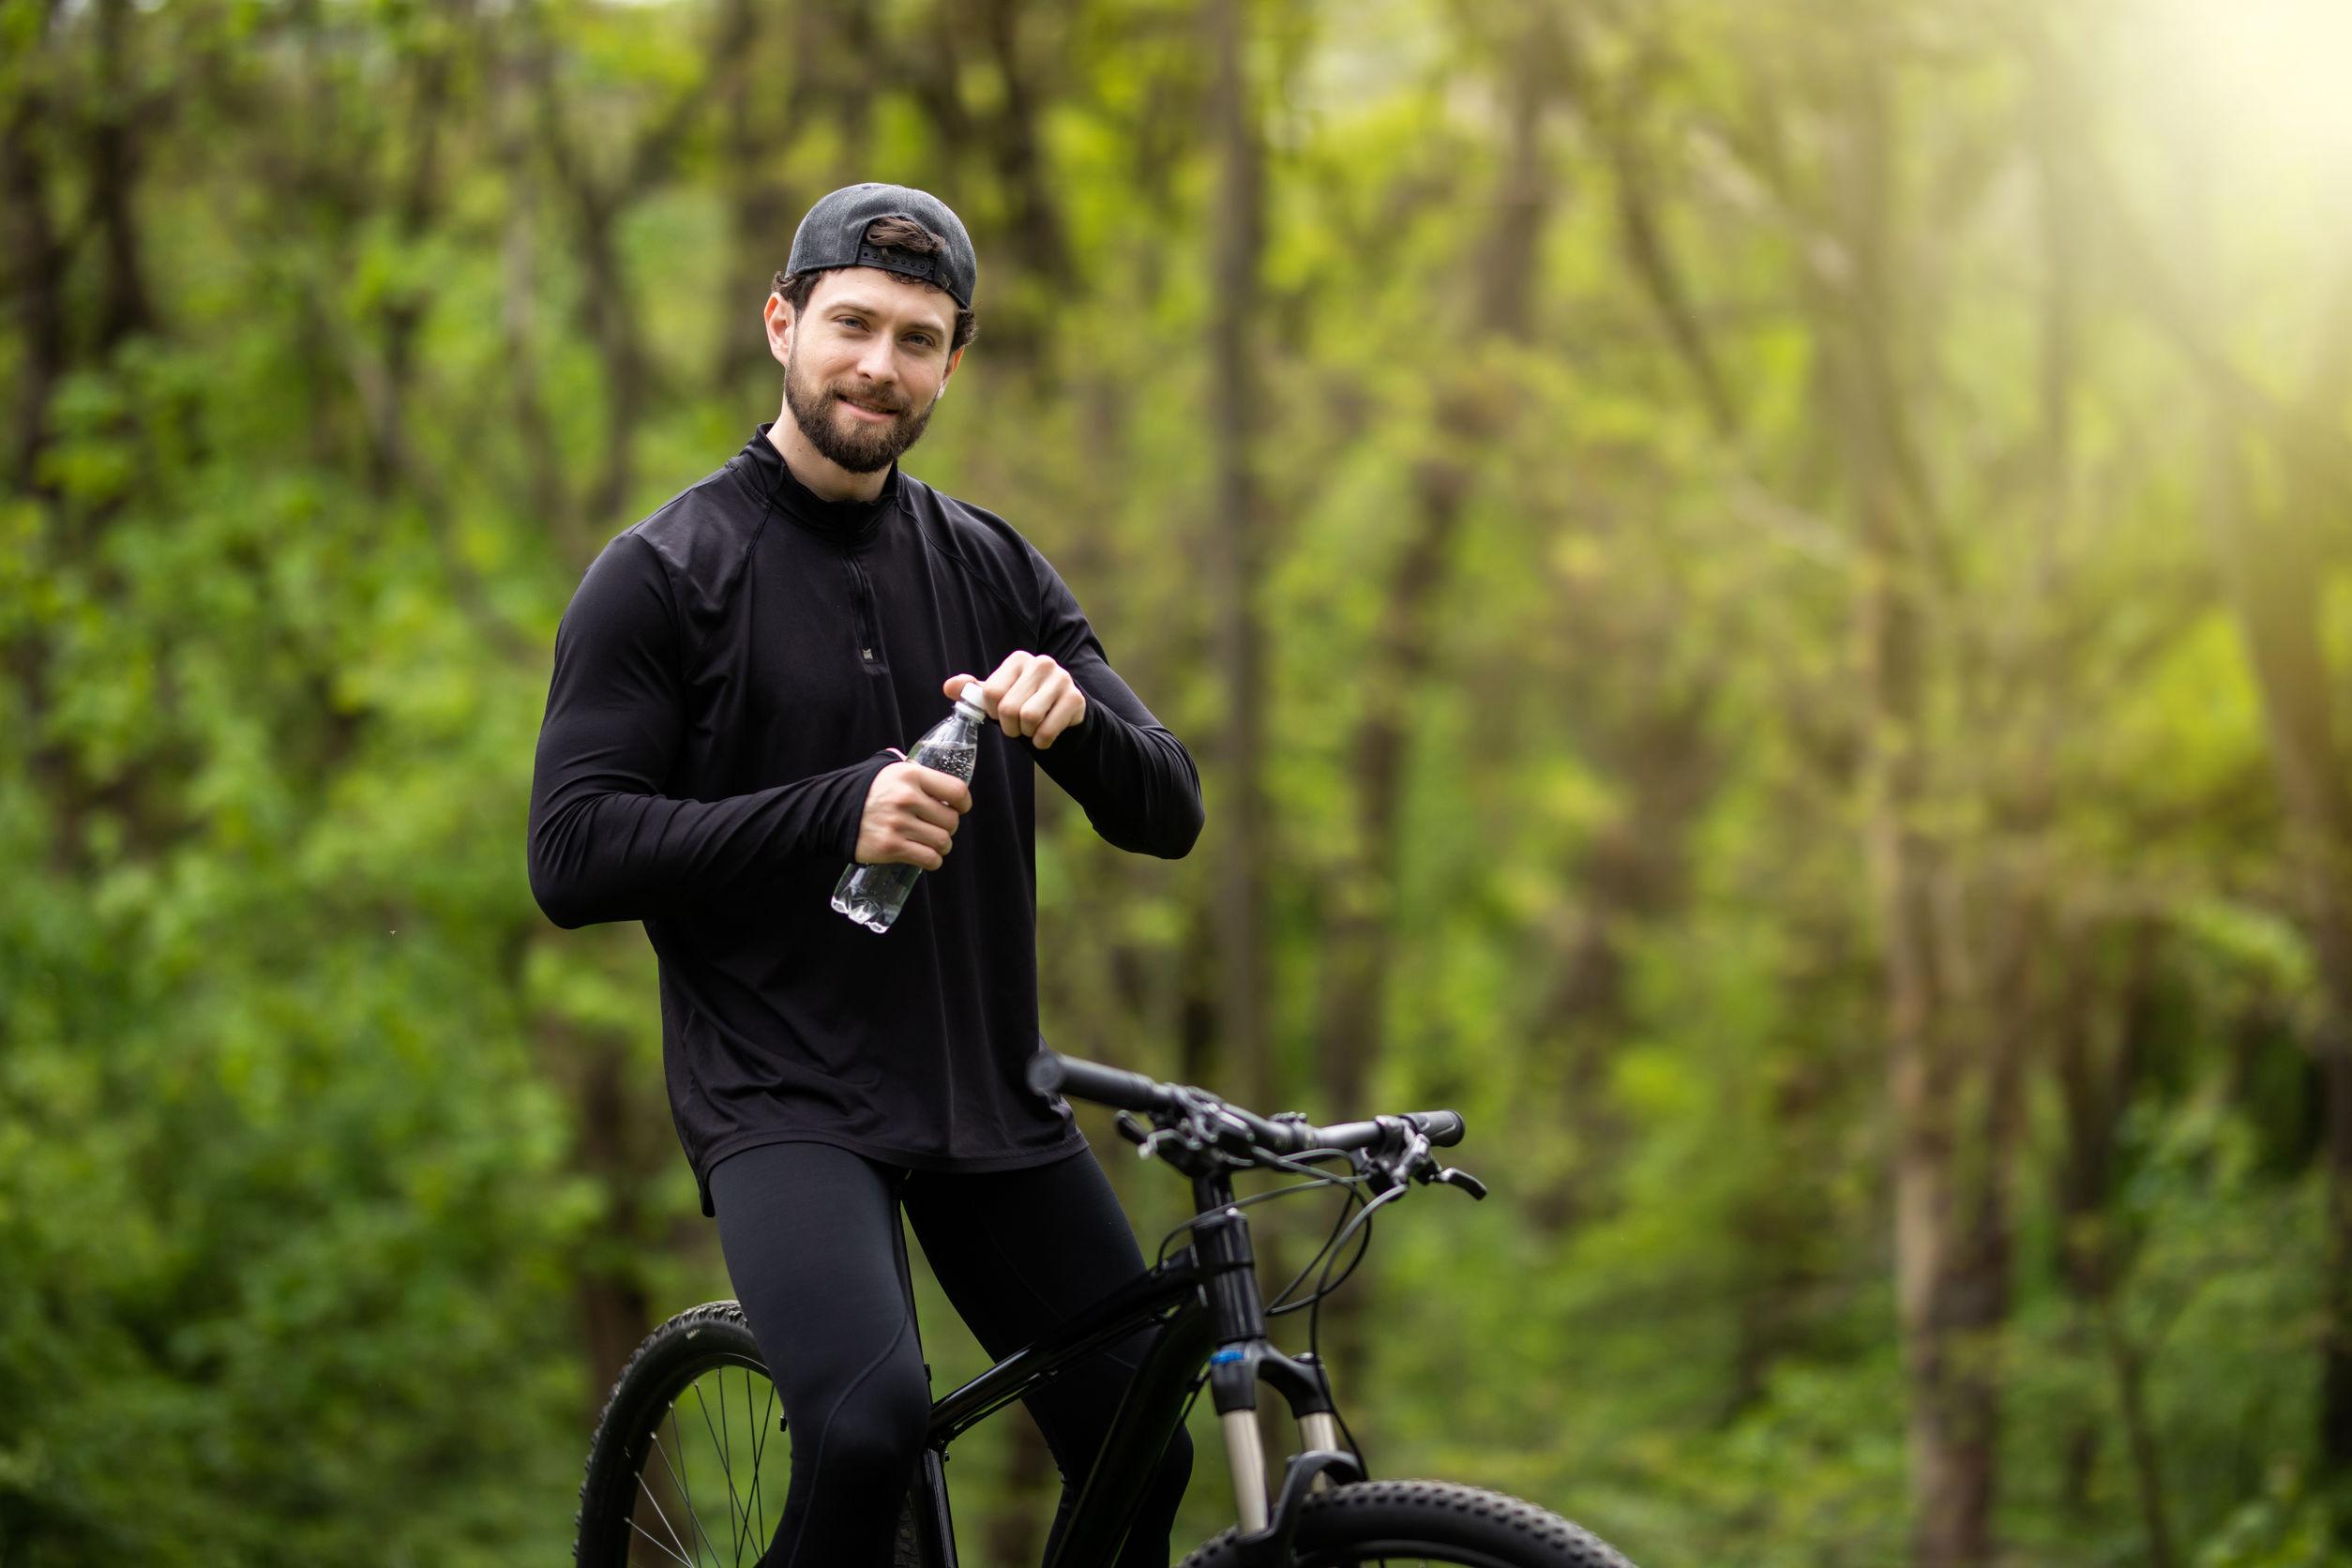 flaschenhalter-fahrrad-test